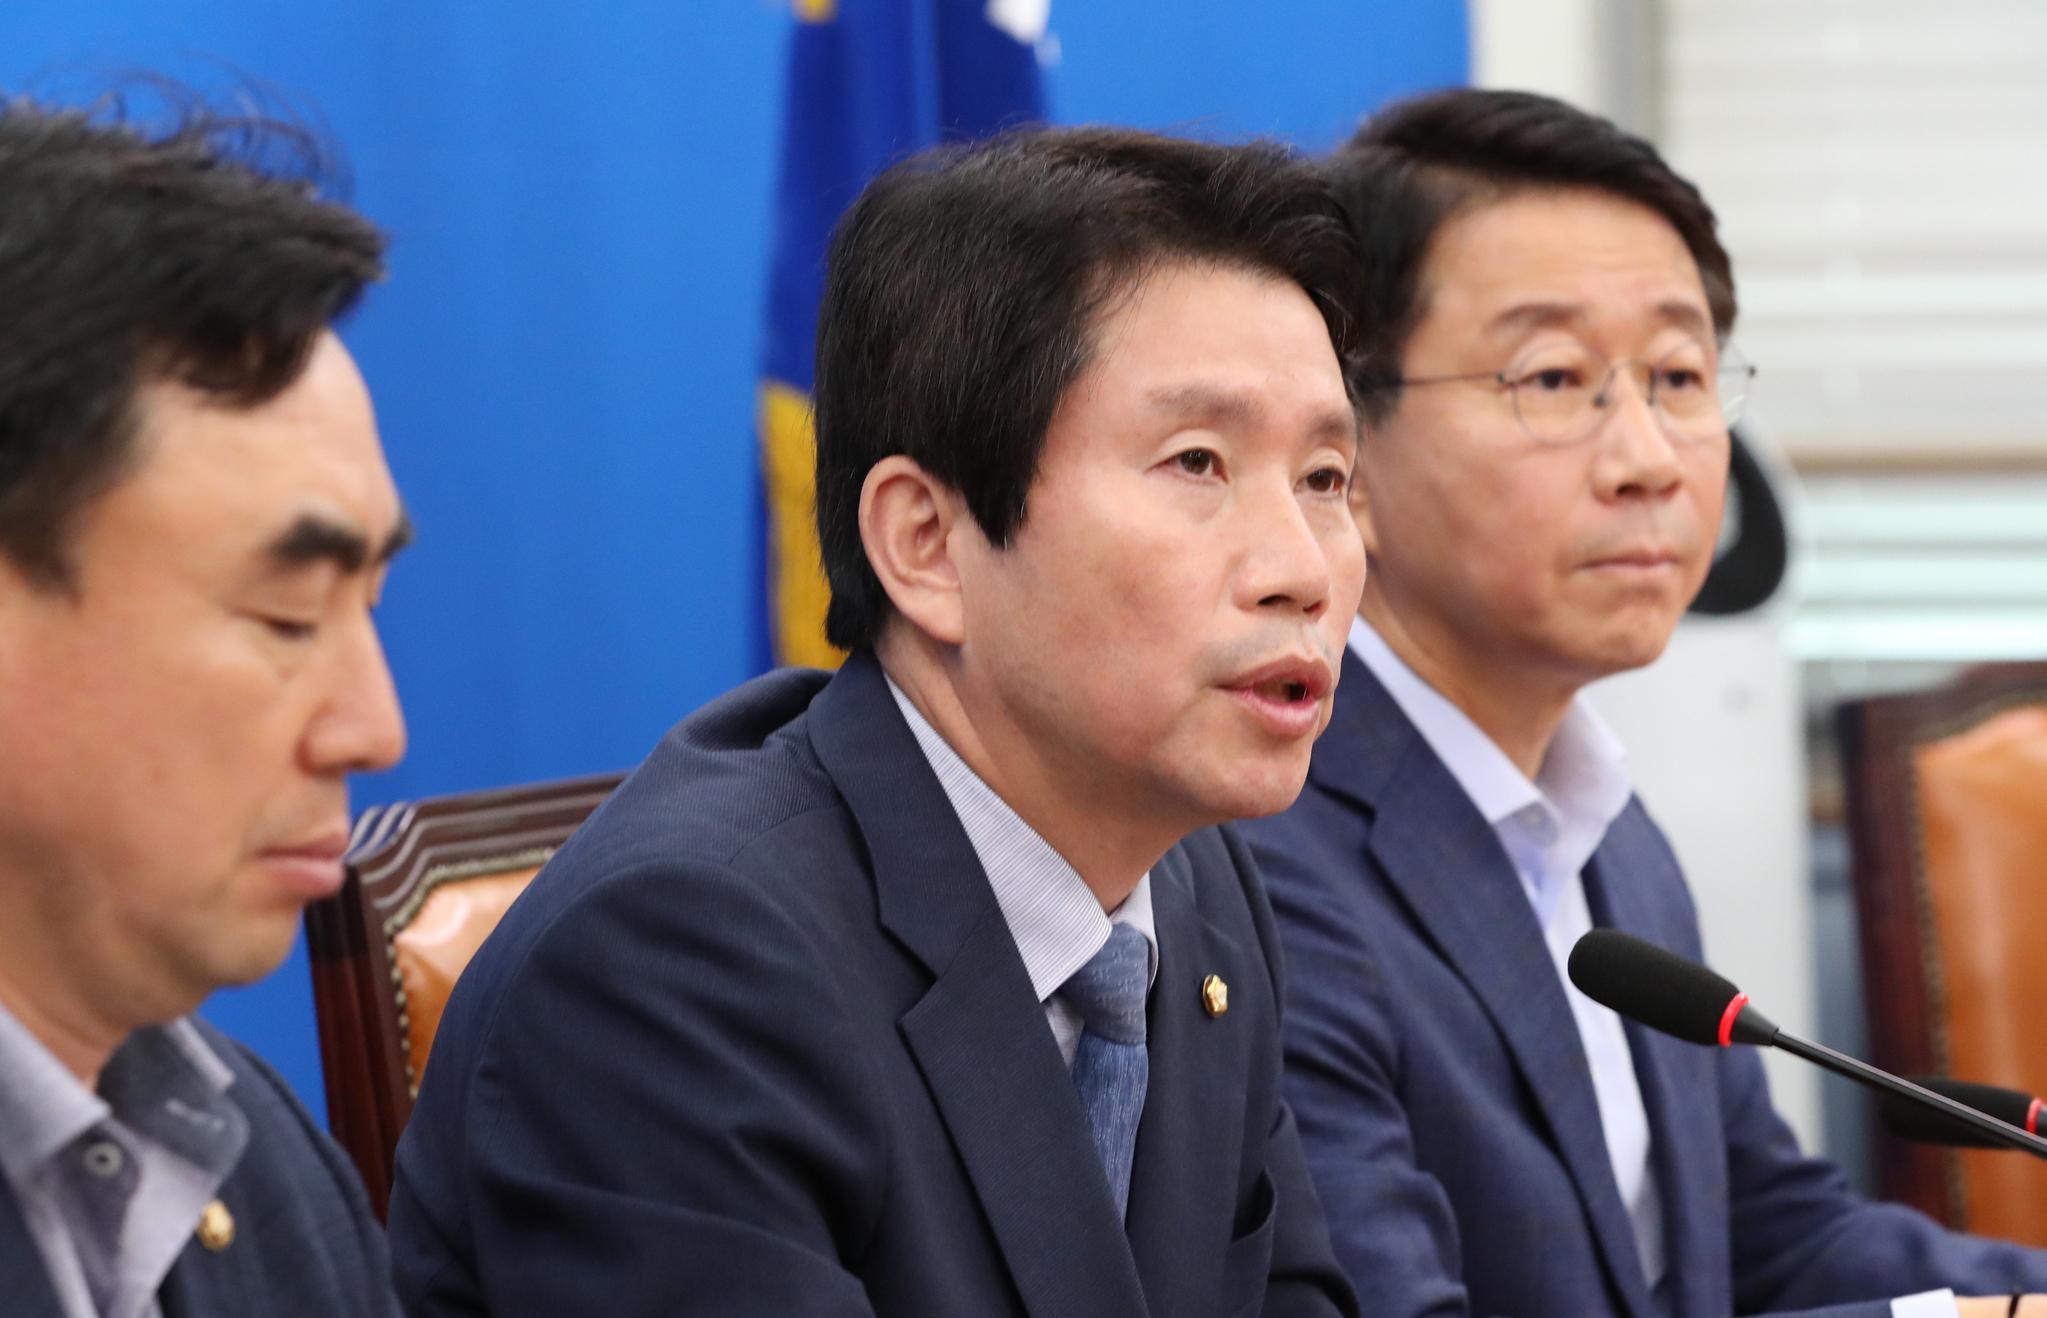 더불어민주당 이인영 원내대표가 15일 국회에서 열린 기자간담회에서 발언하고 있다. [연합뉴스]